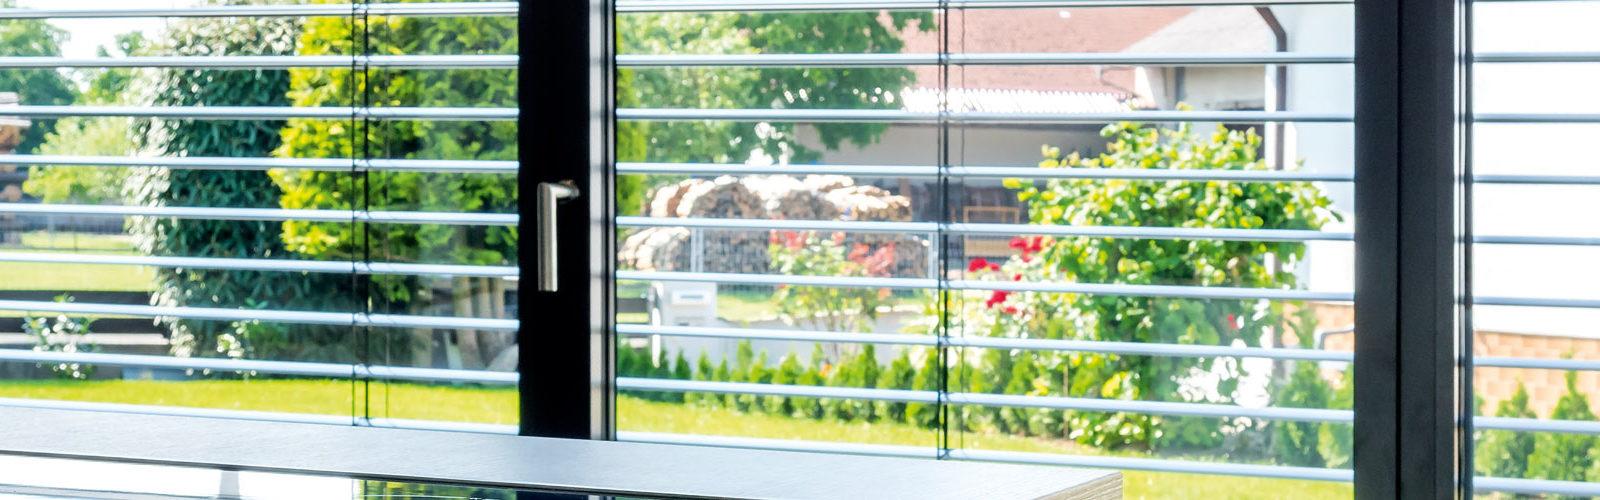 Full Size of Jalousien Neumann Fenster Bodentief Neue Einbauen Landhaus Standardmaße Sichtschutzfolie Nach Maß Kaufen In Polen Kosten Weihnachtsbeleuchtung Sichern Gegen Fenster Fenster Jalousien